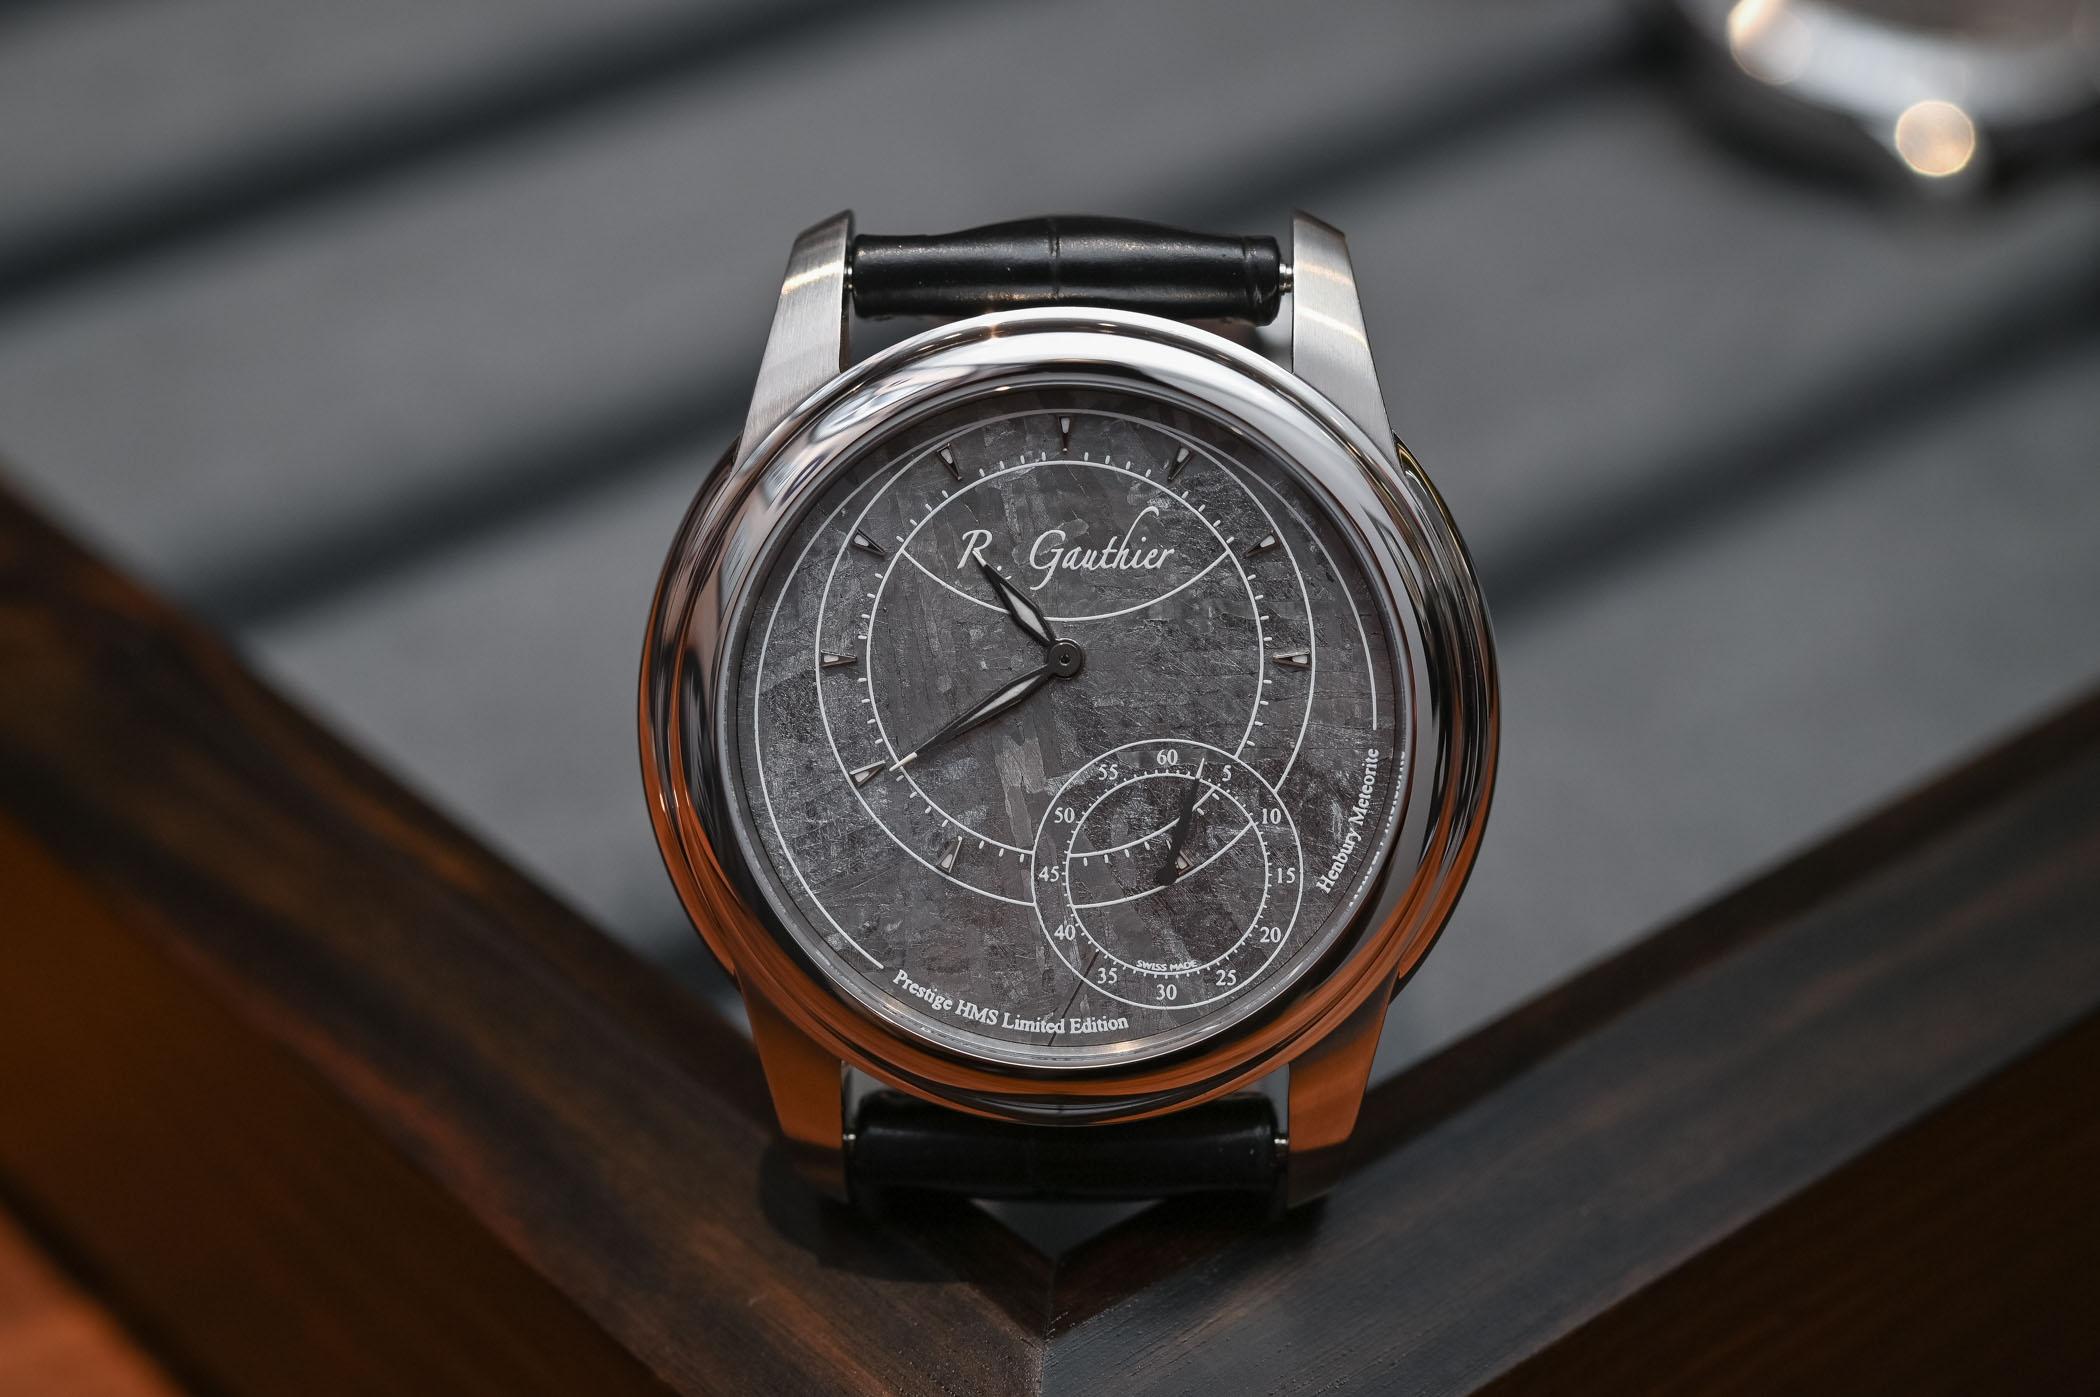 メテオライト(隕石)文字盤が美しいローマン ゴティエ プレステージHMS ステンレススチール限定モデル